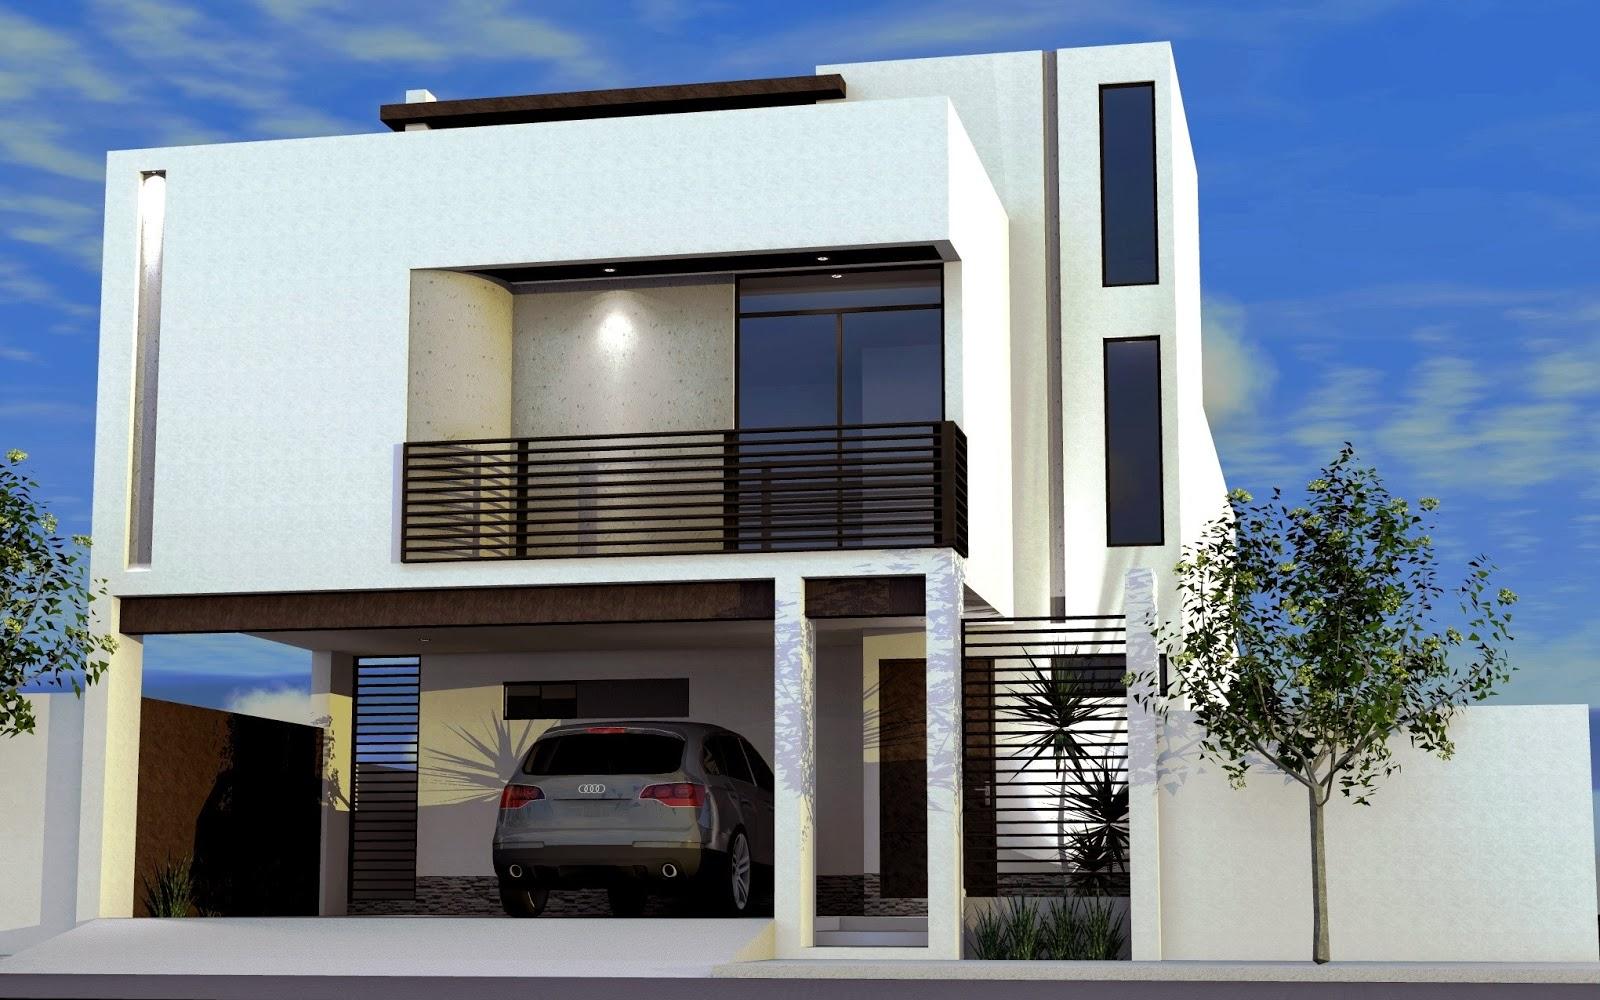 Fachadas de casas modernas fachada moderna y lujosa for Fachadas de ventanas para casas modernas